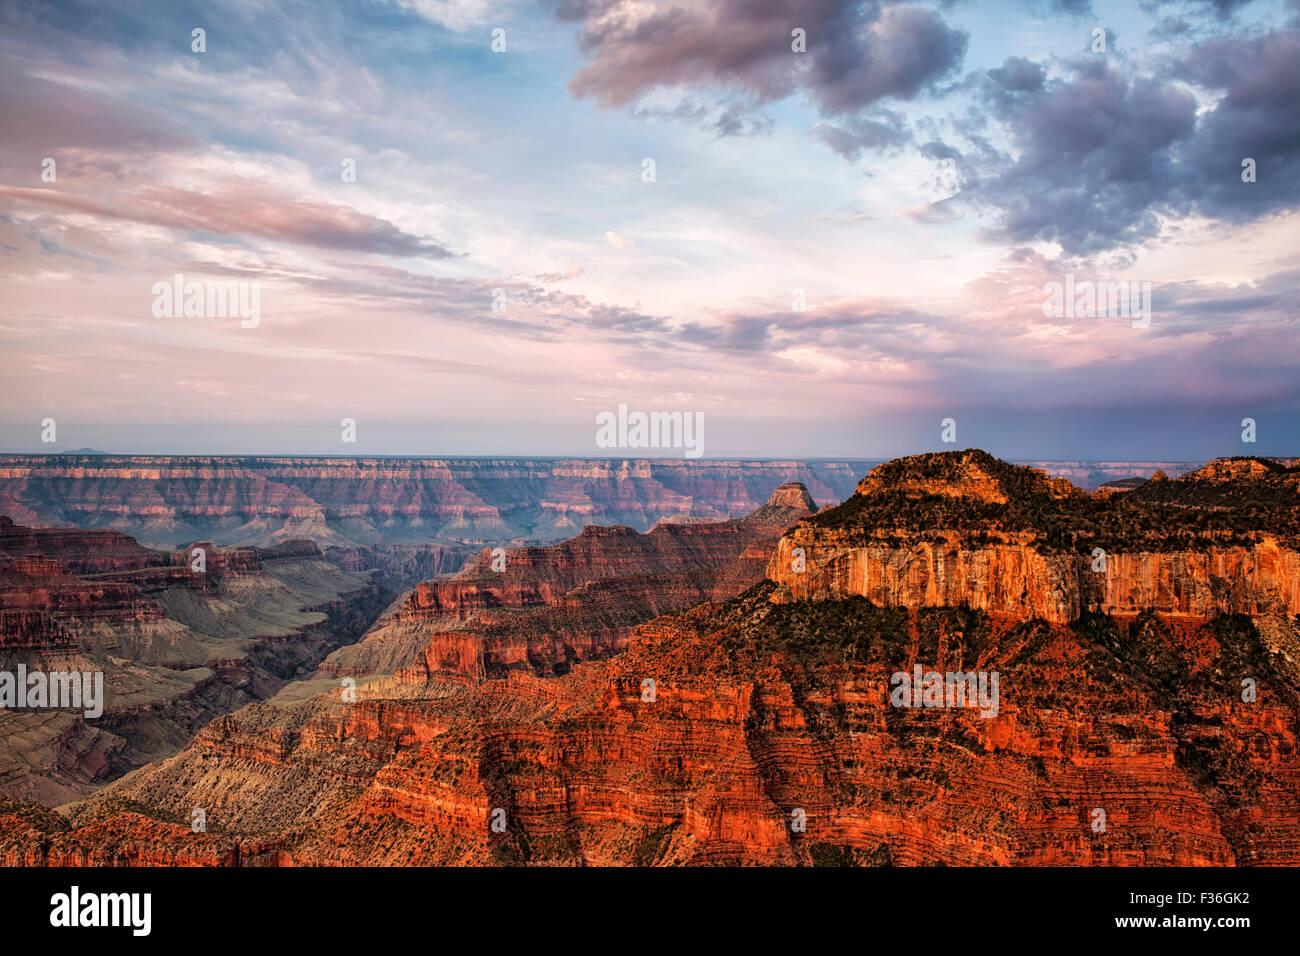 Il calore di sunrise luce sul bordo nord dell'Arizona Grand Canyon National Park da Bright Angel Point. Immagini Stock